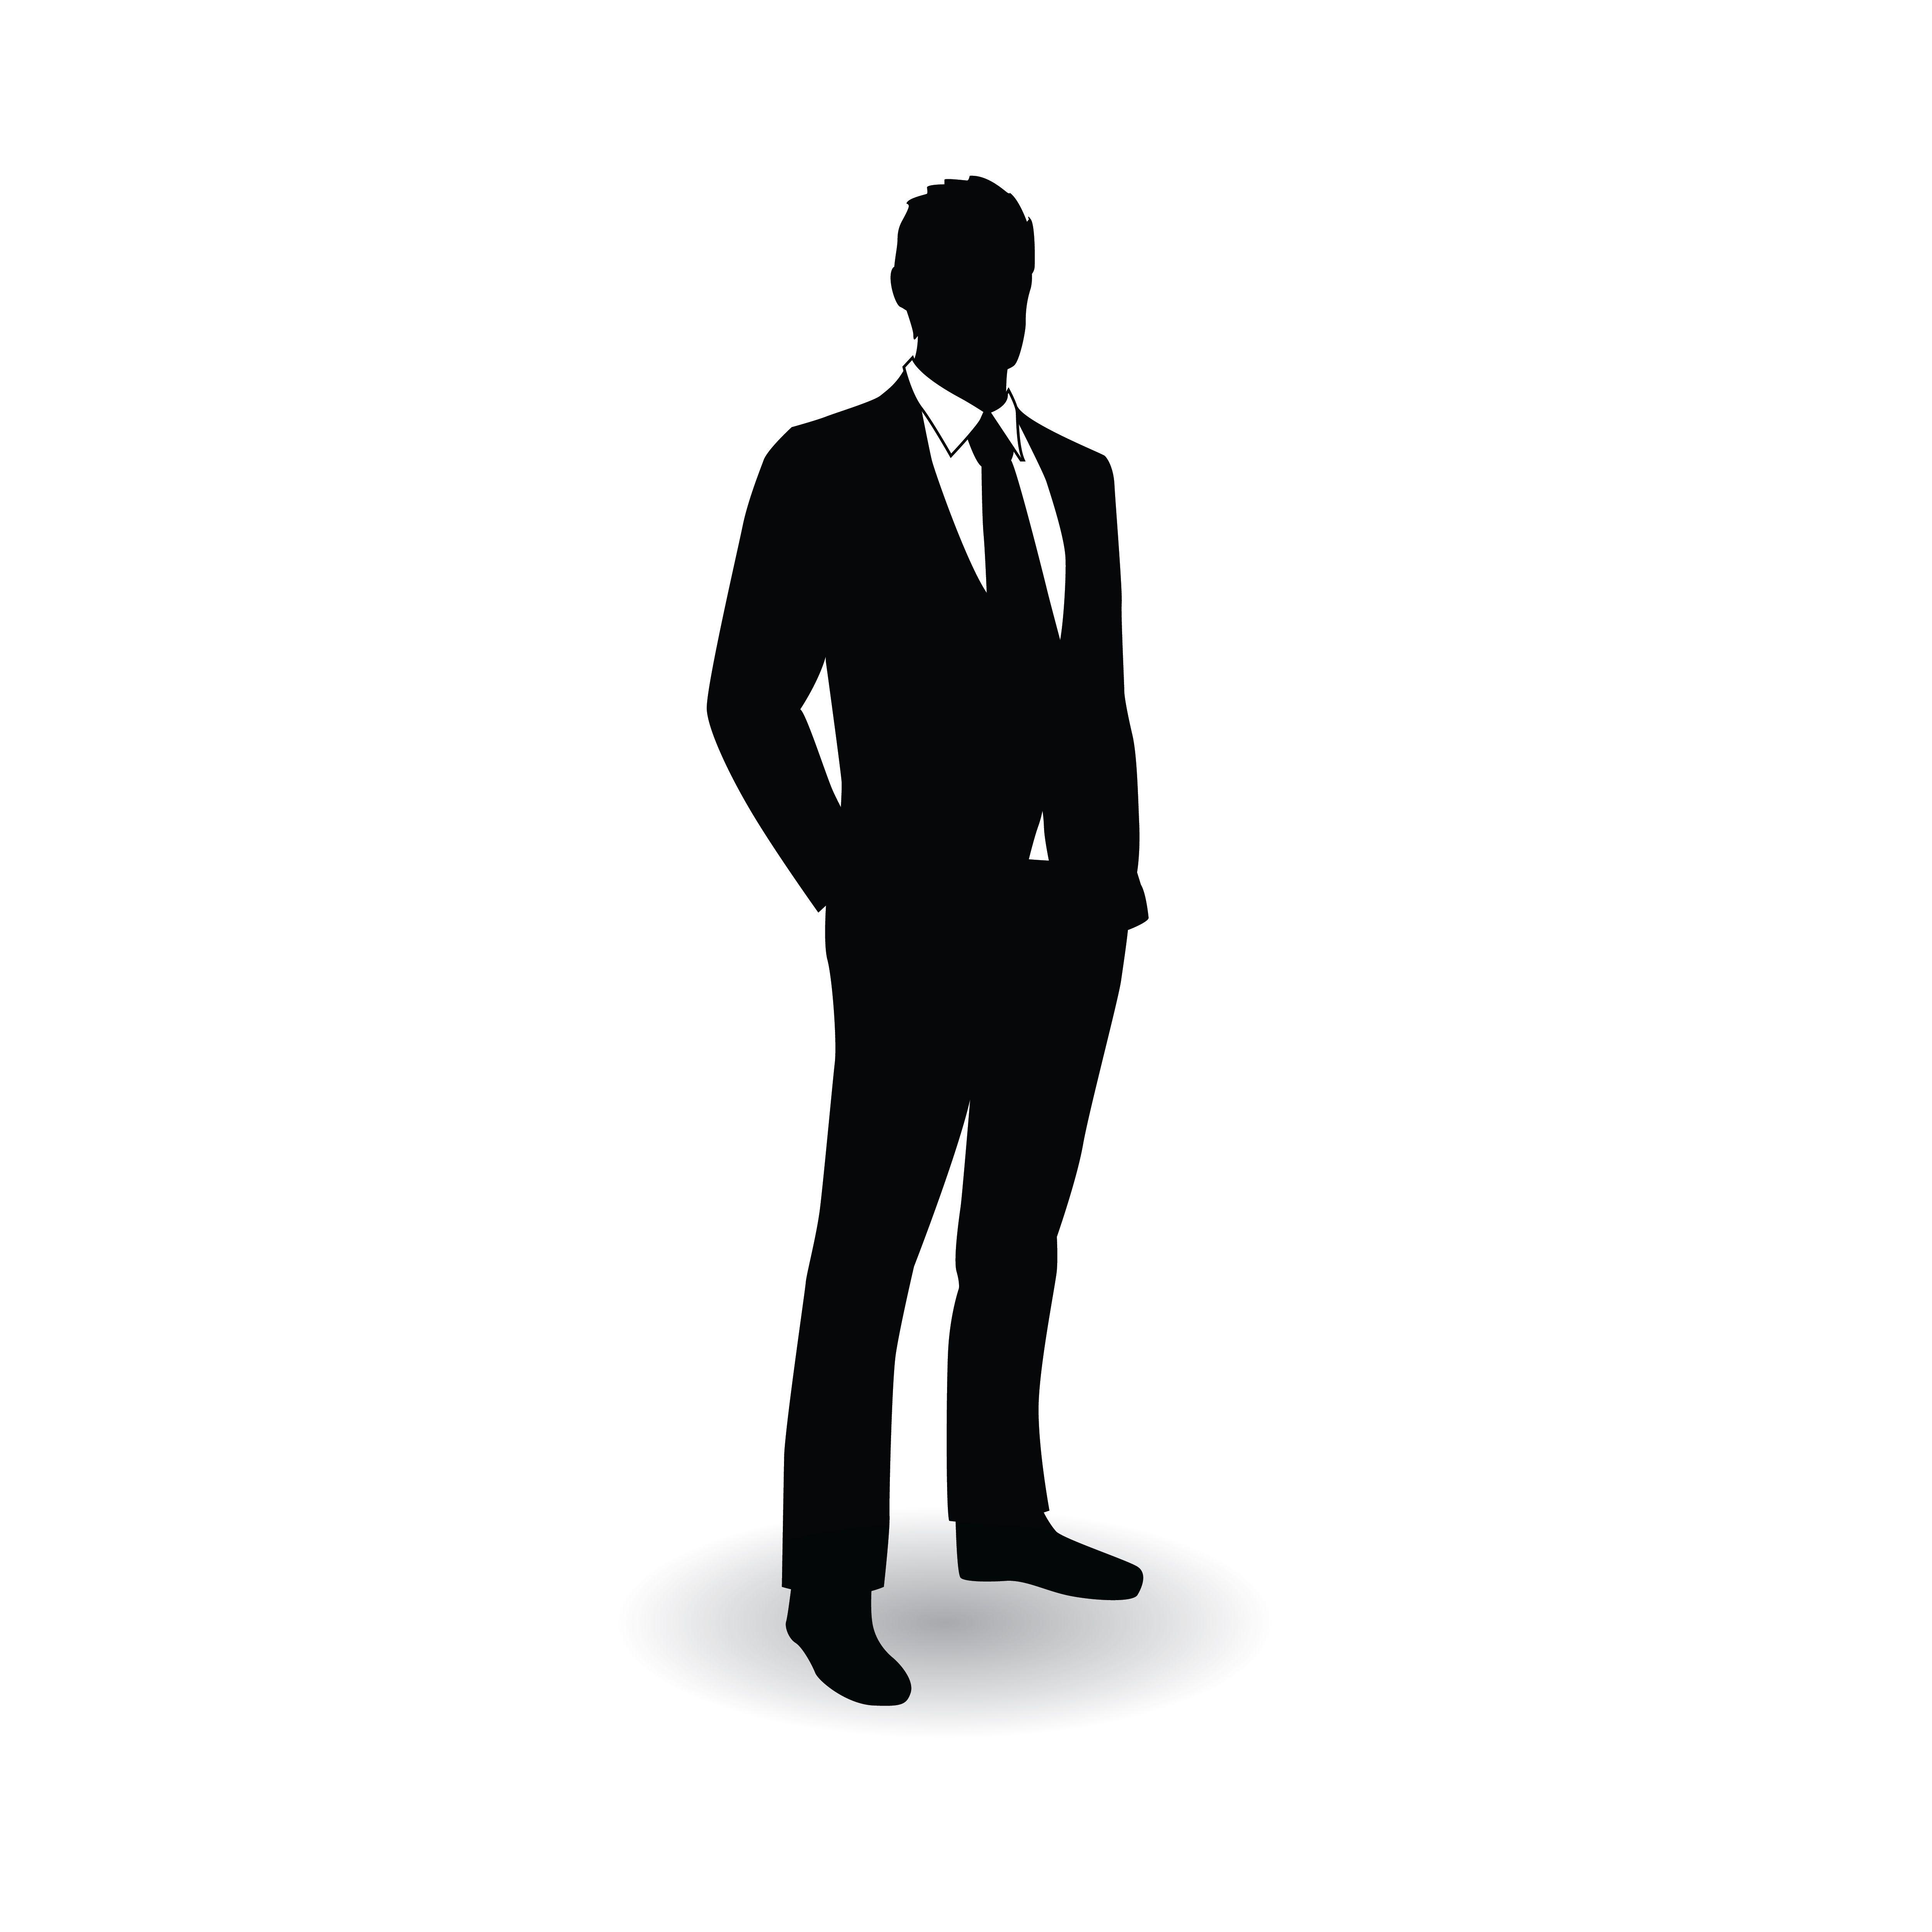 5000x5000 Business Man Silhouette Pose Silhouette Pose